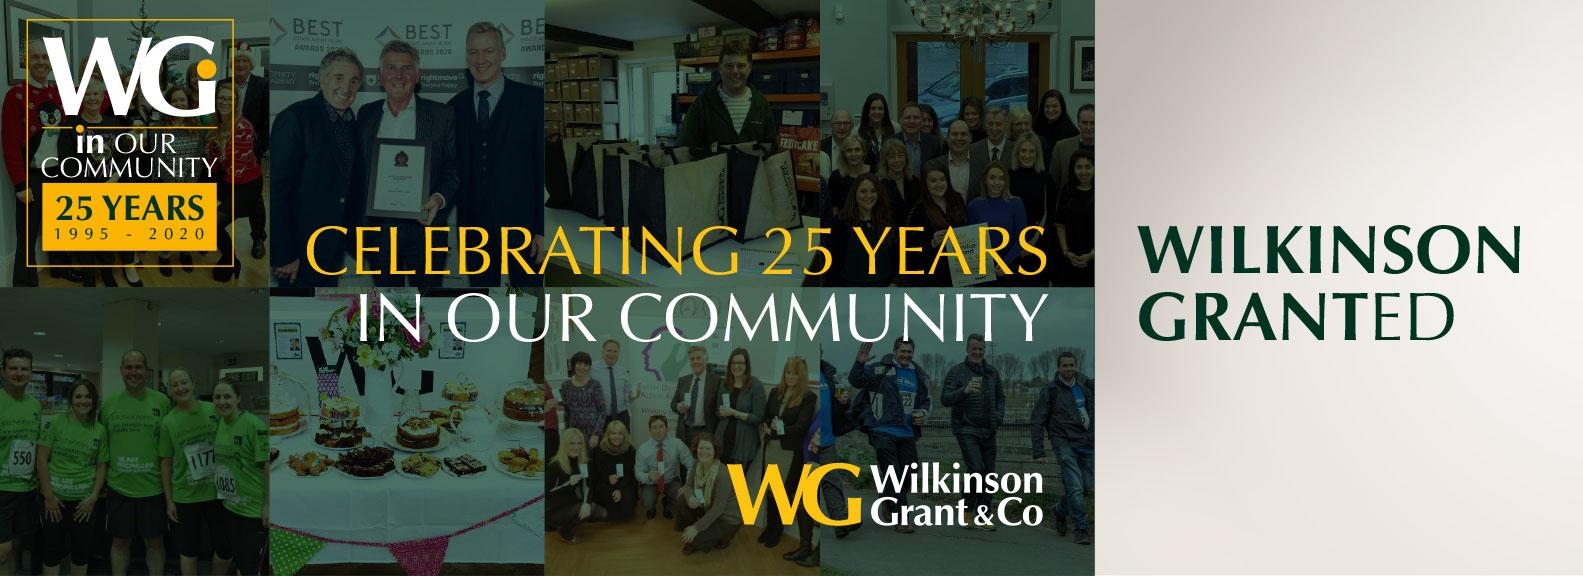 Celebrating 25 years community